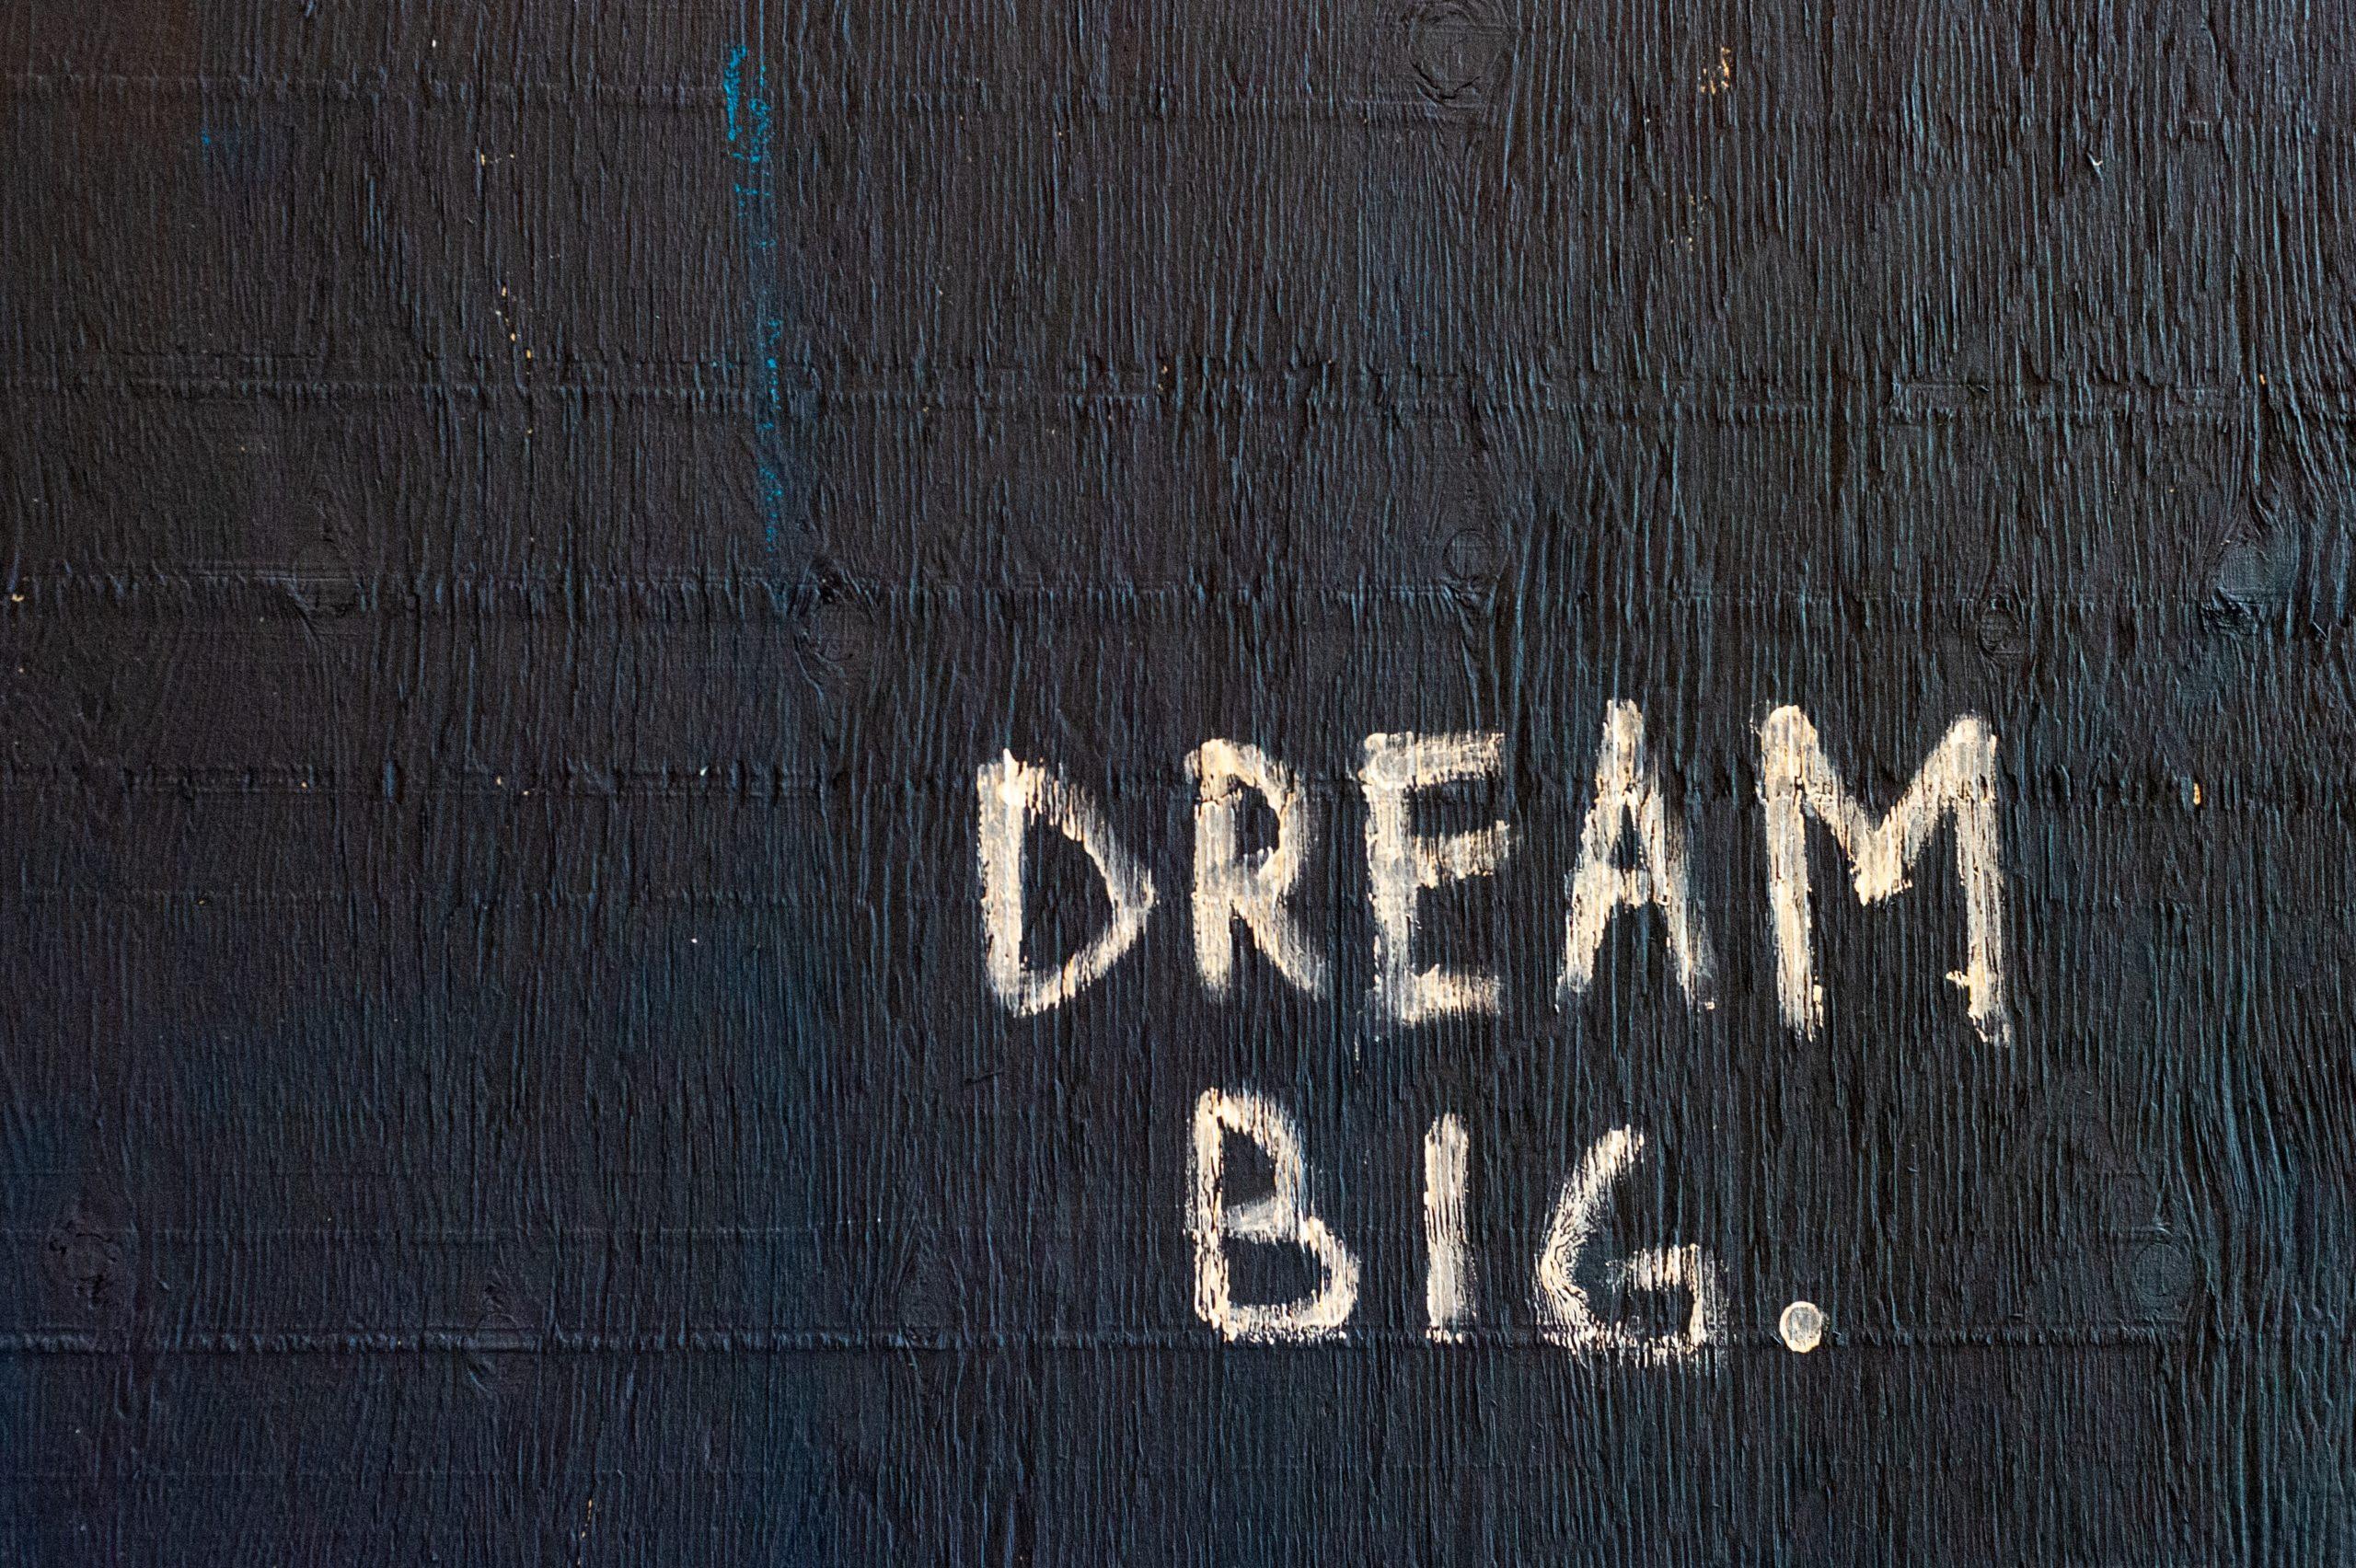 Proficiat: Je realiseerde je ondernemersdroom! En nu nog klanten